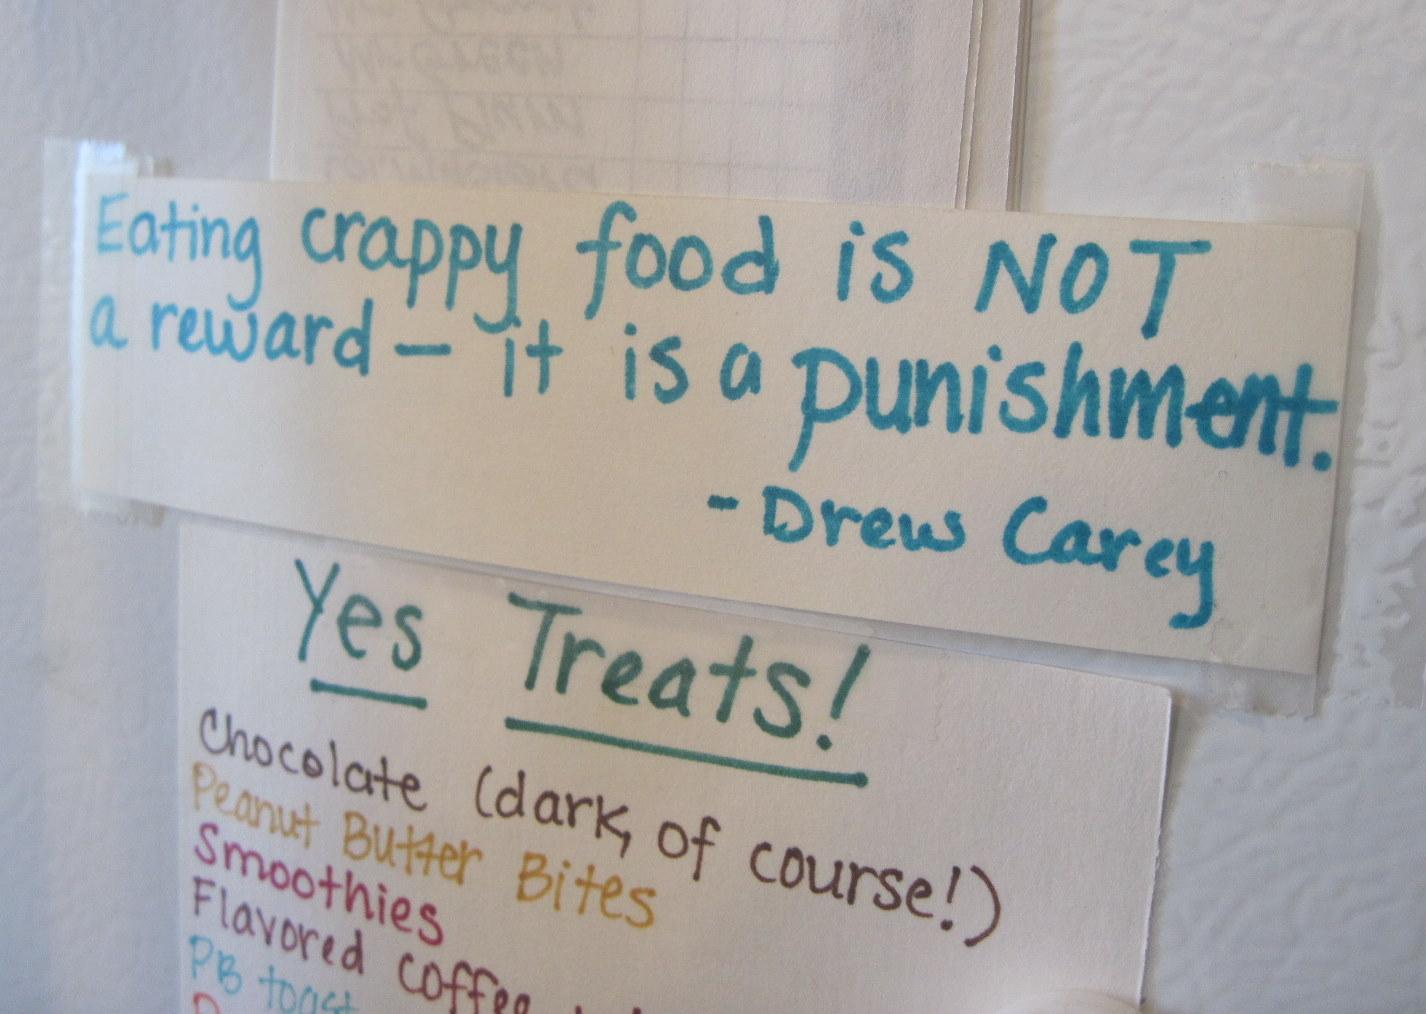 Drew Carey's quote #4